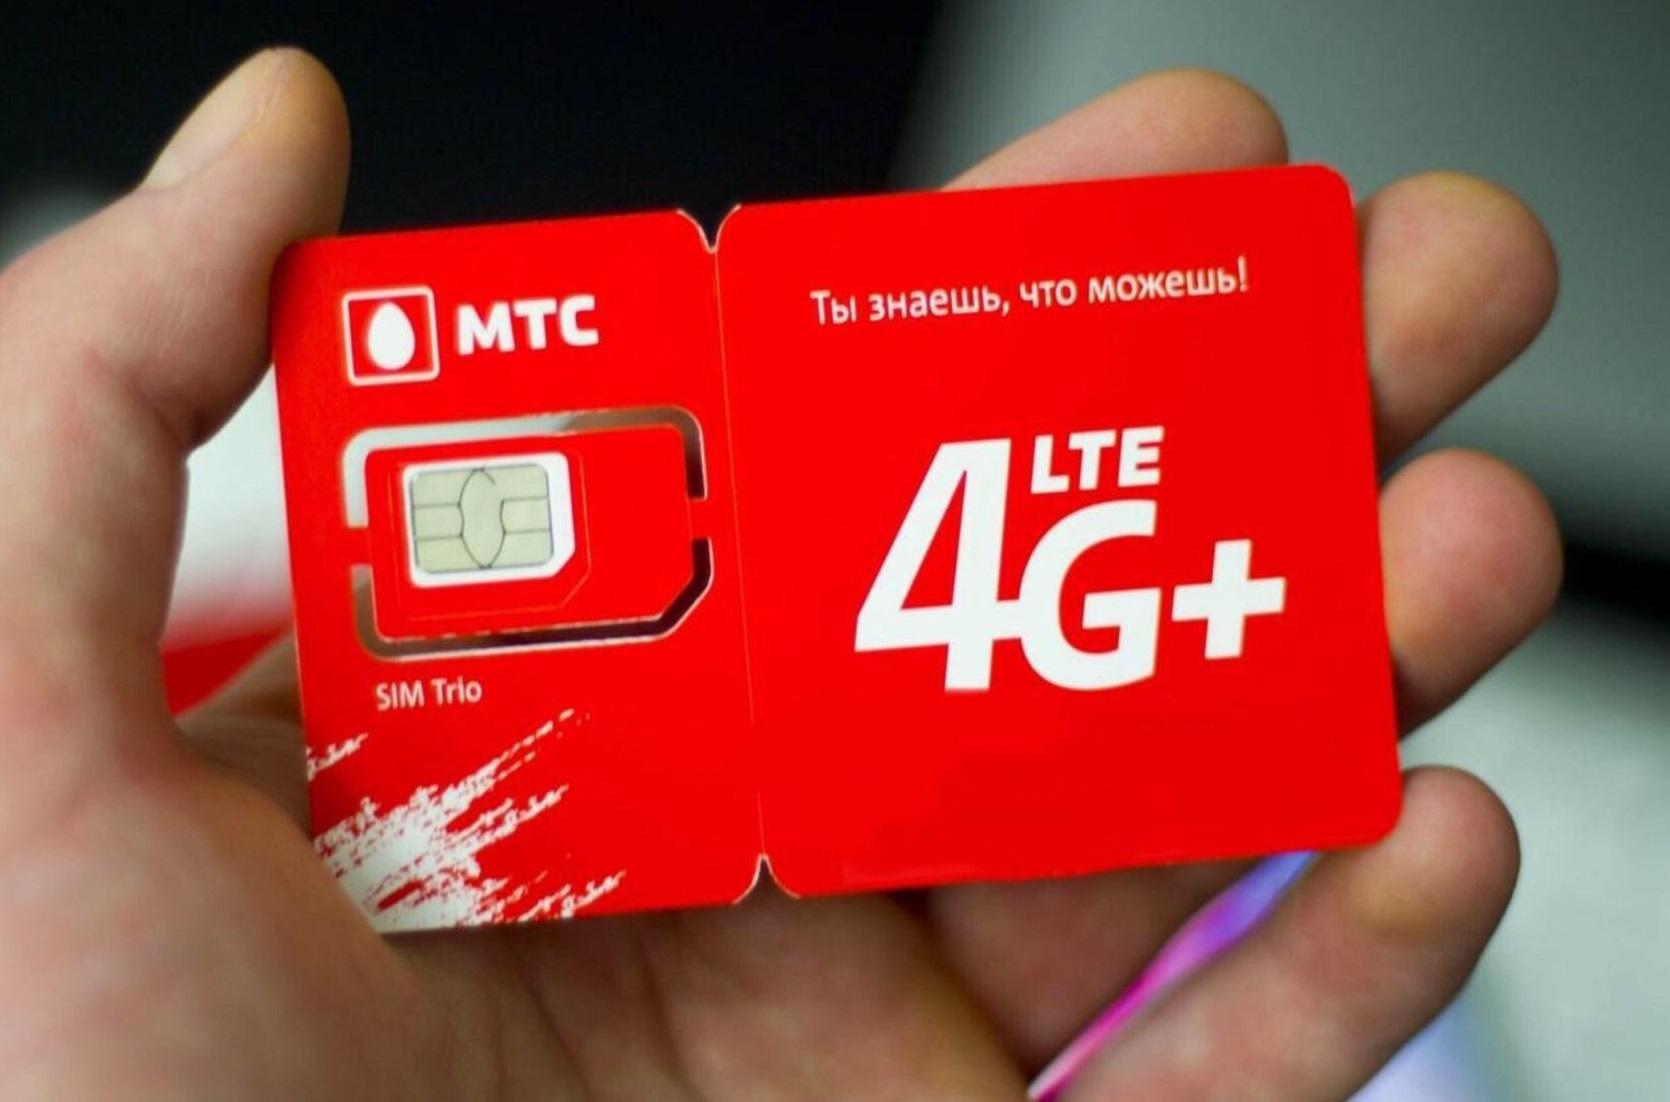 МТС начала менять SIM-карты любых регионов в салонах Москвы и Санкт-Петербурга 1